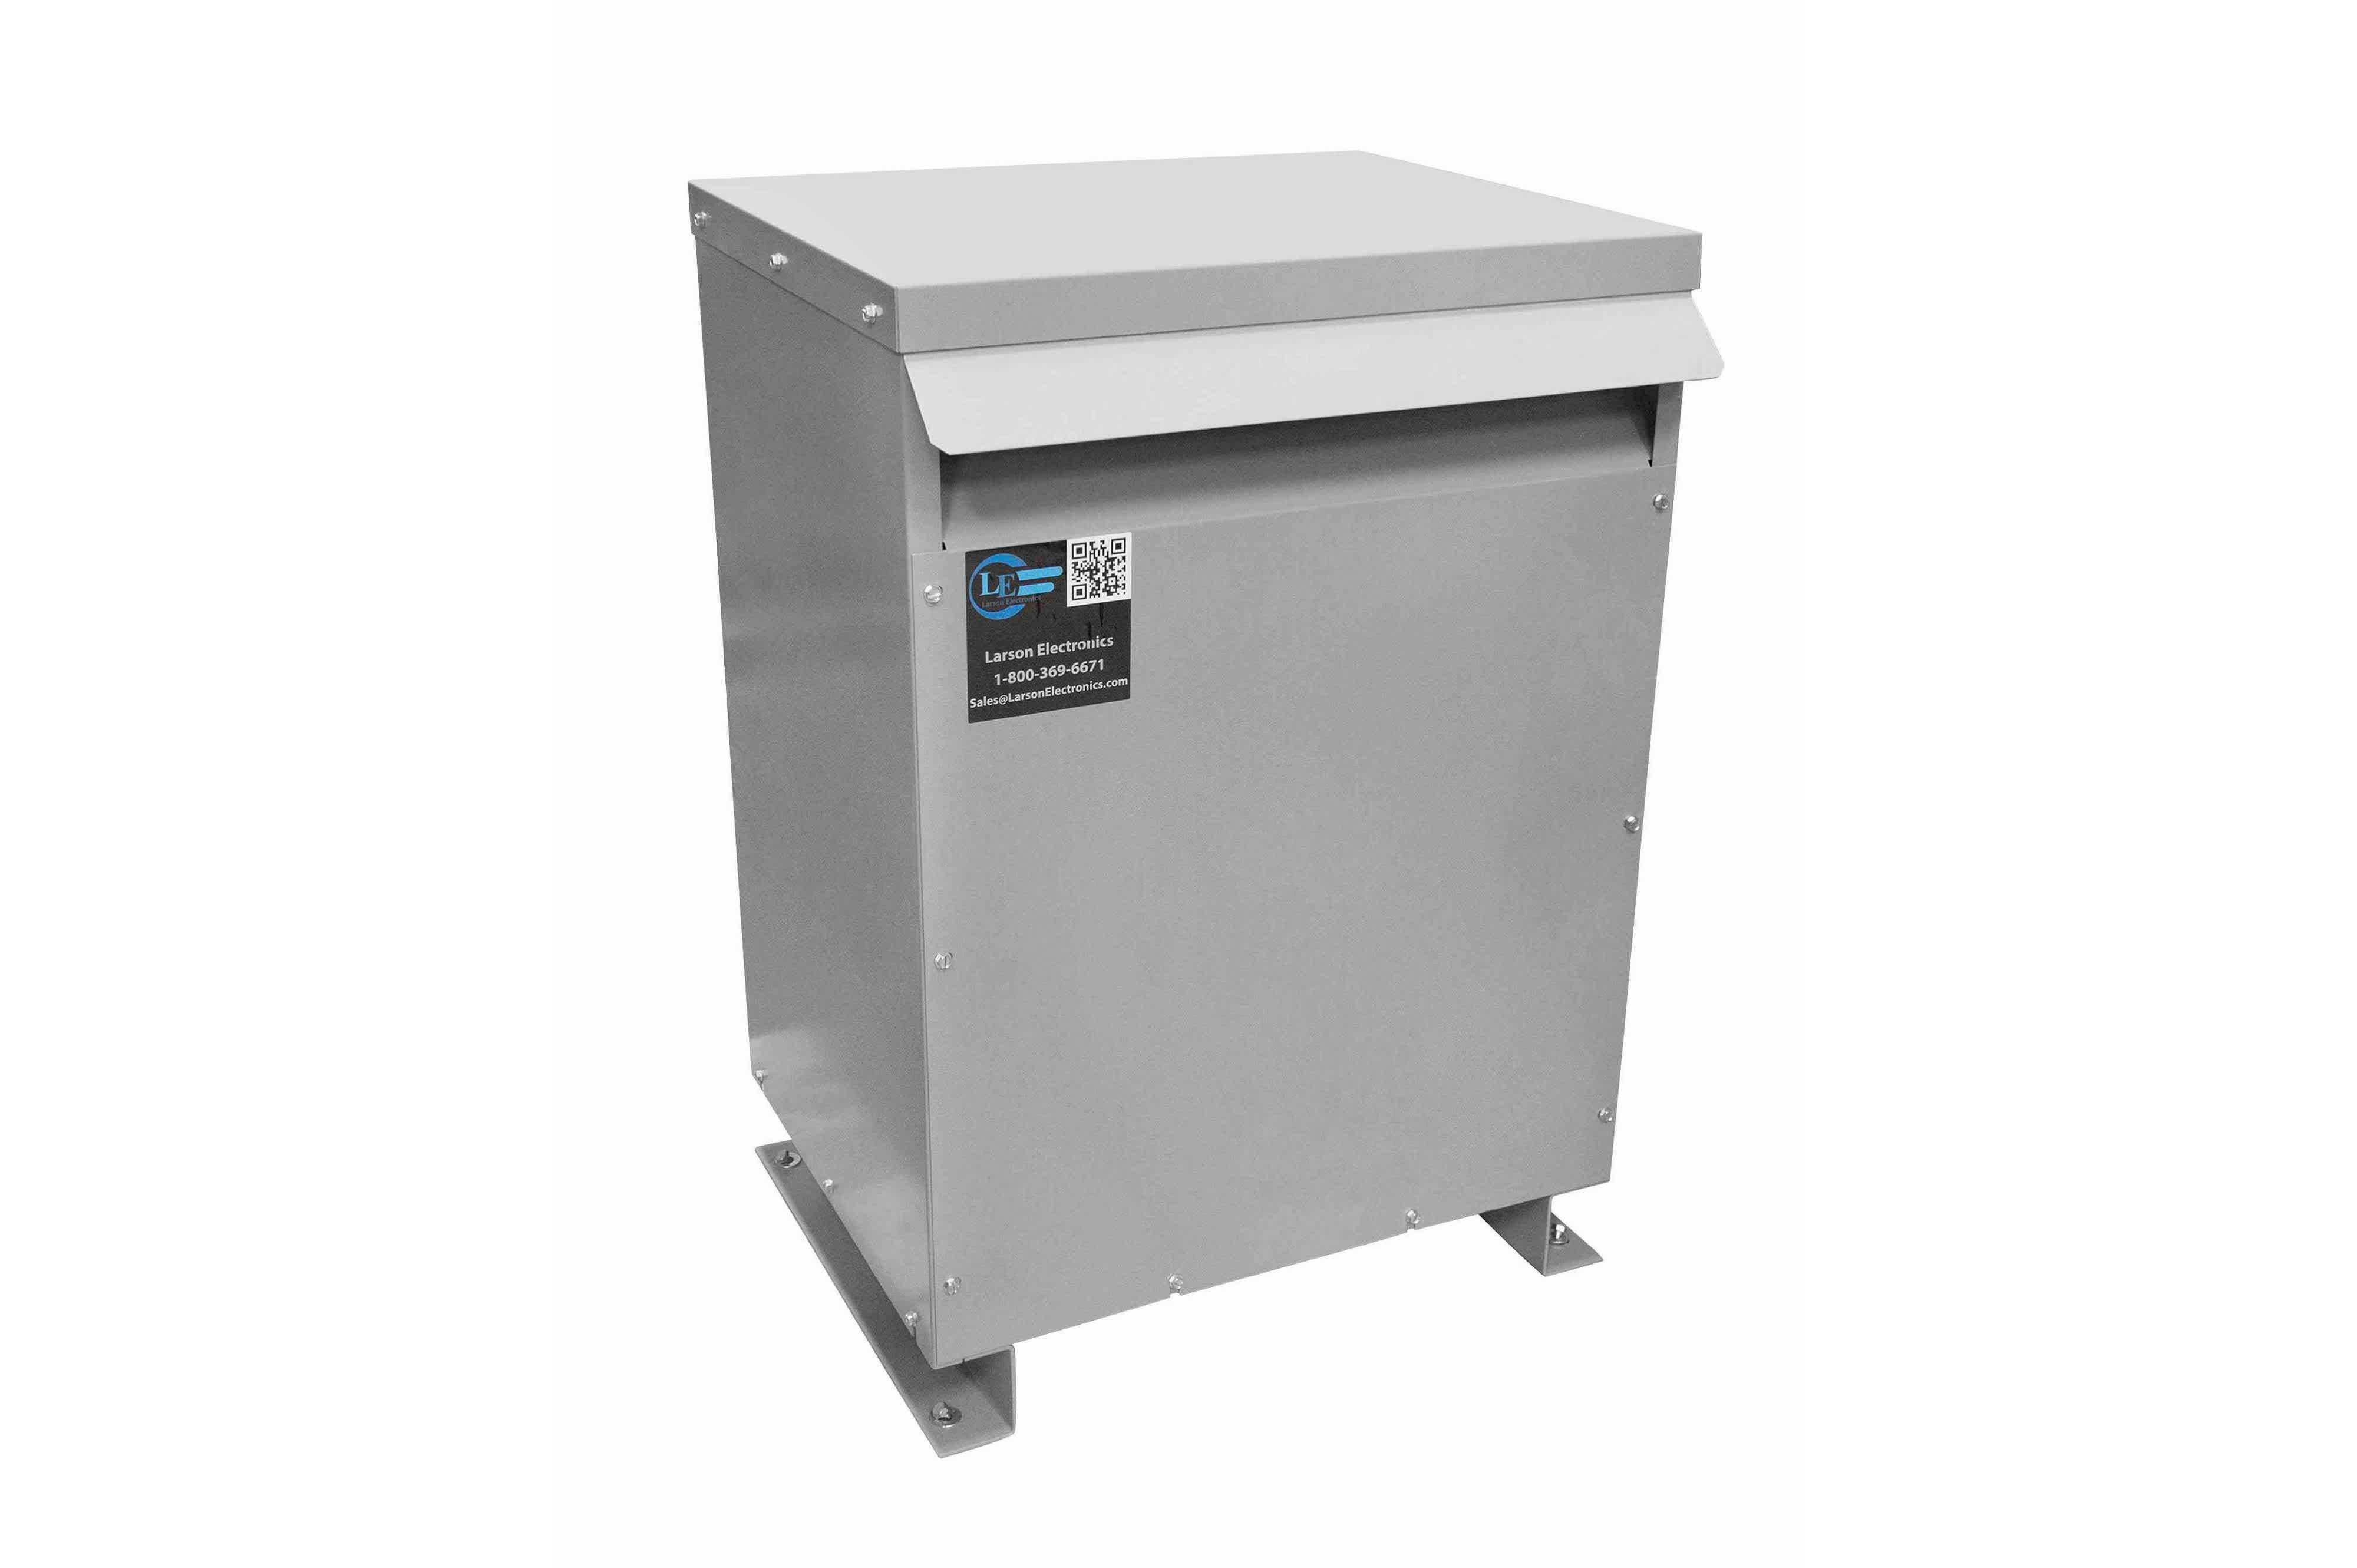 29 kVA 3PH Isolation Transformer, 208V Delta Primary, 415V Delta Secondary, N3R, Ventilated, 60 Hz